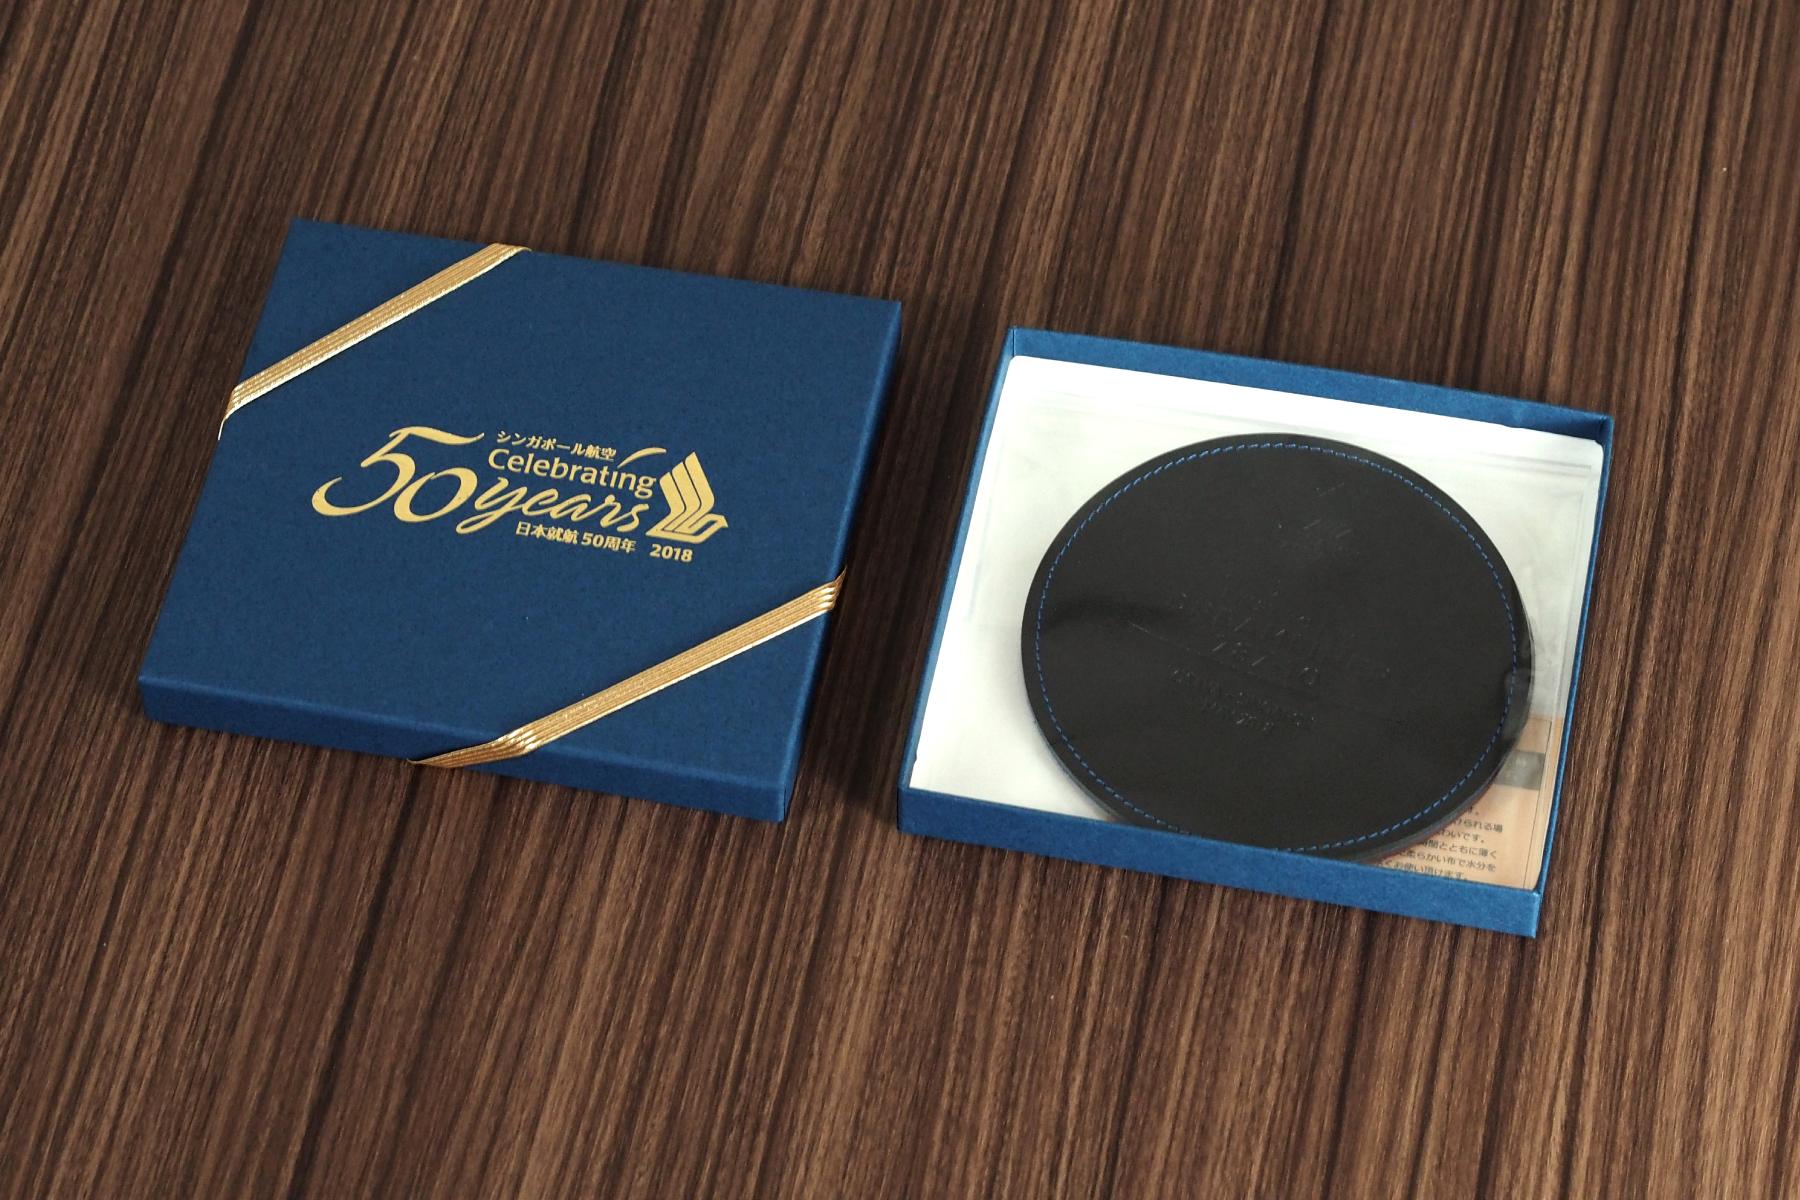 名入れ記念品に人気のレザーコースター2枚セット・円形